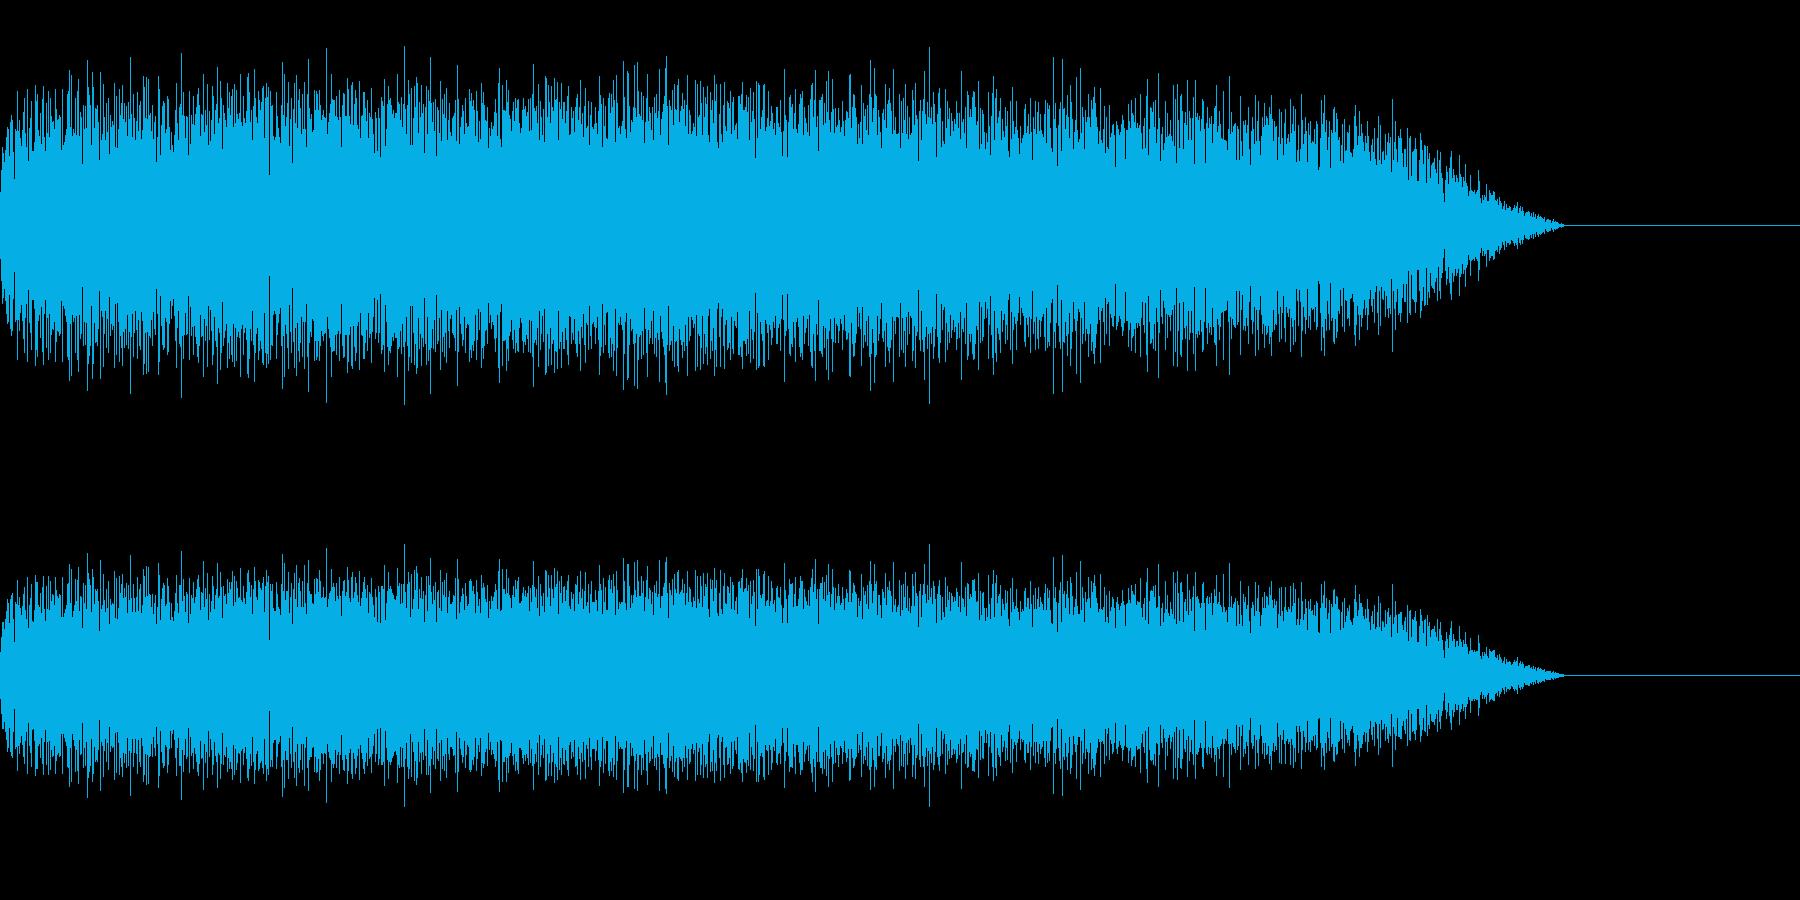 ズサーッ(スライディング/滑り込む)の再生済みの波形